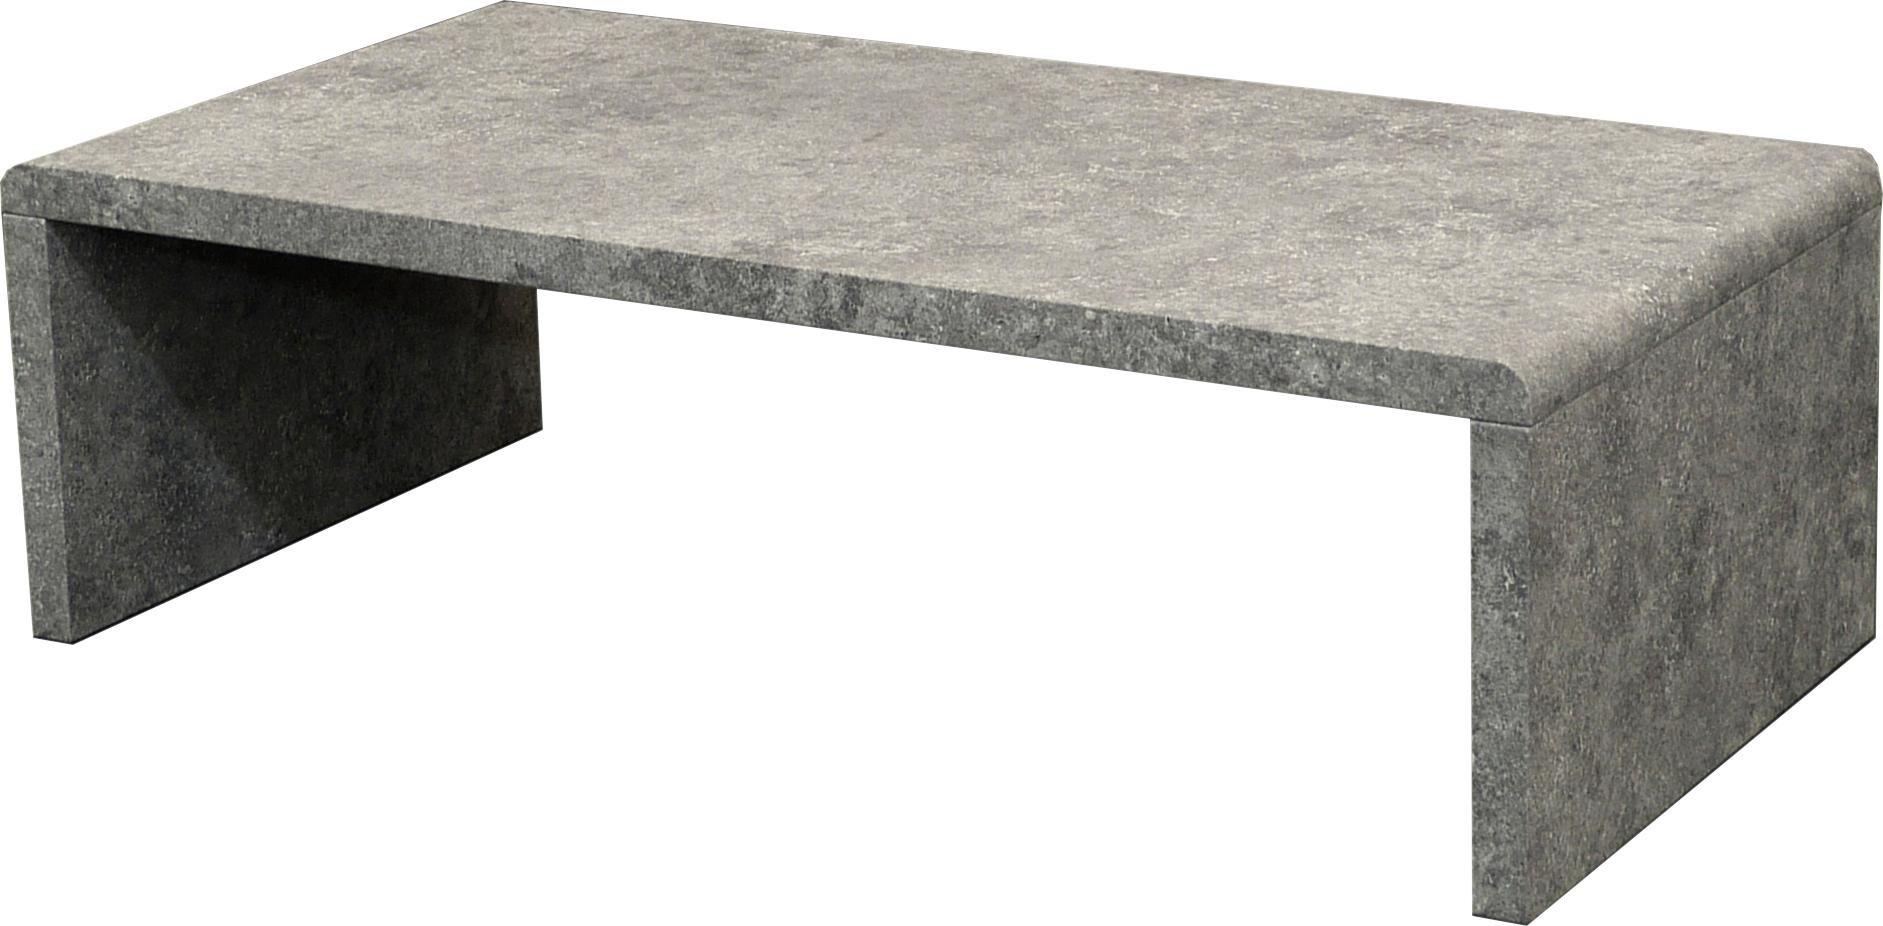 Vierhaus salontafel - gratis ruilen op otto.nl